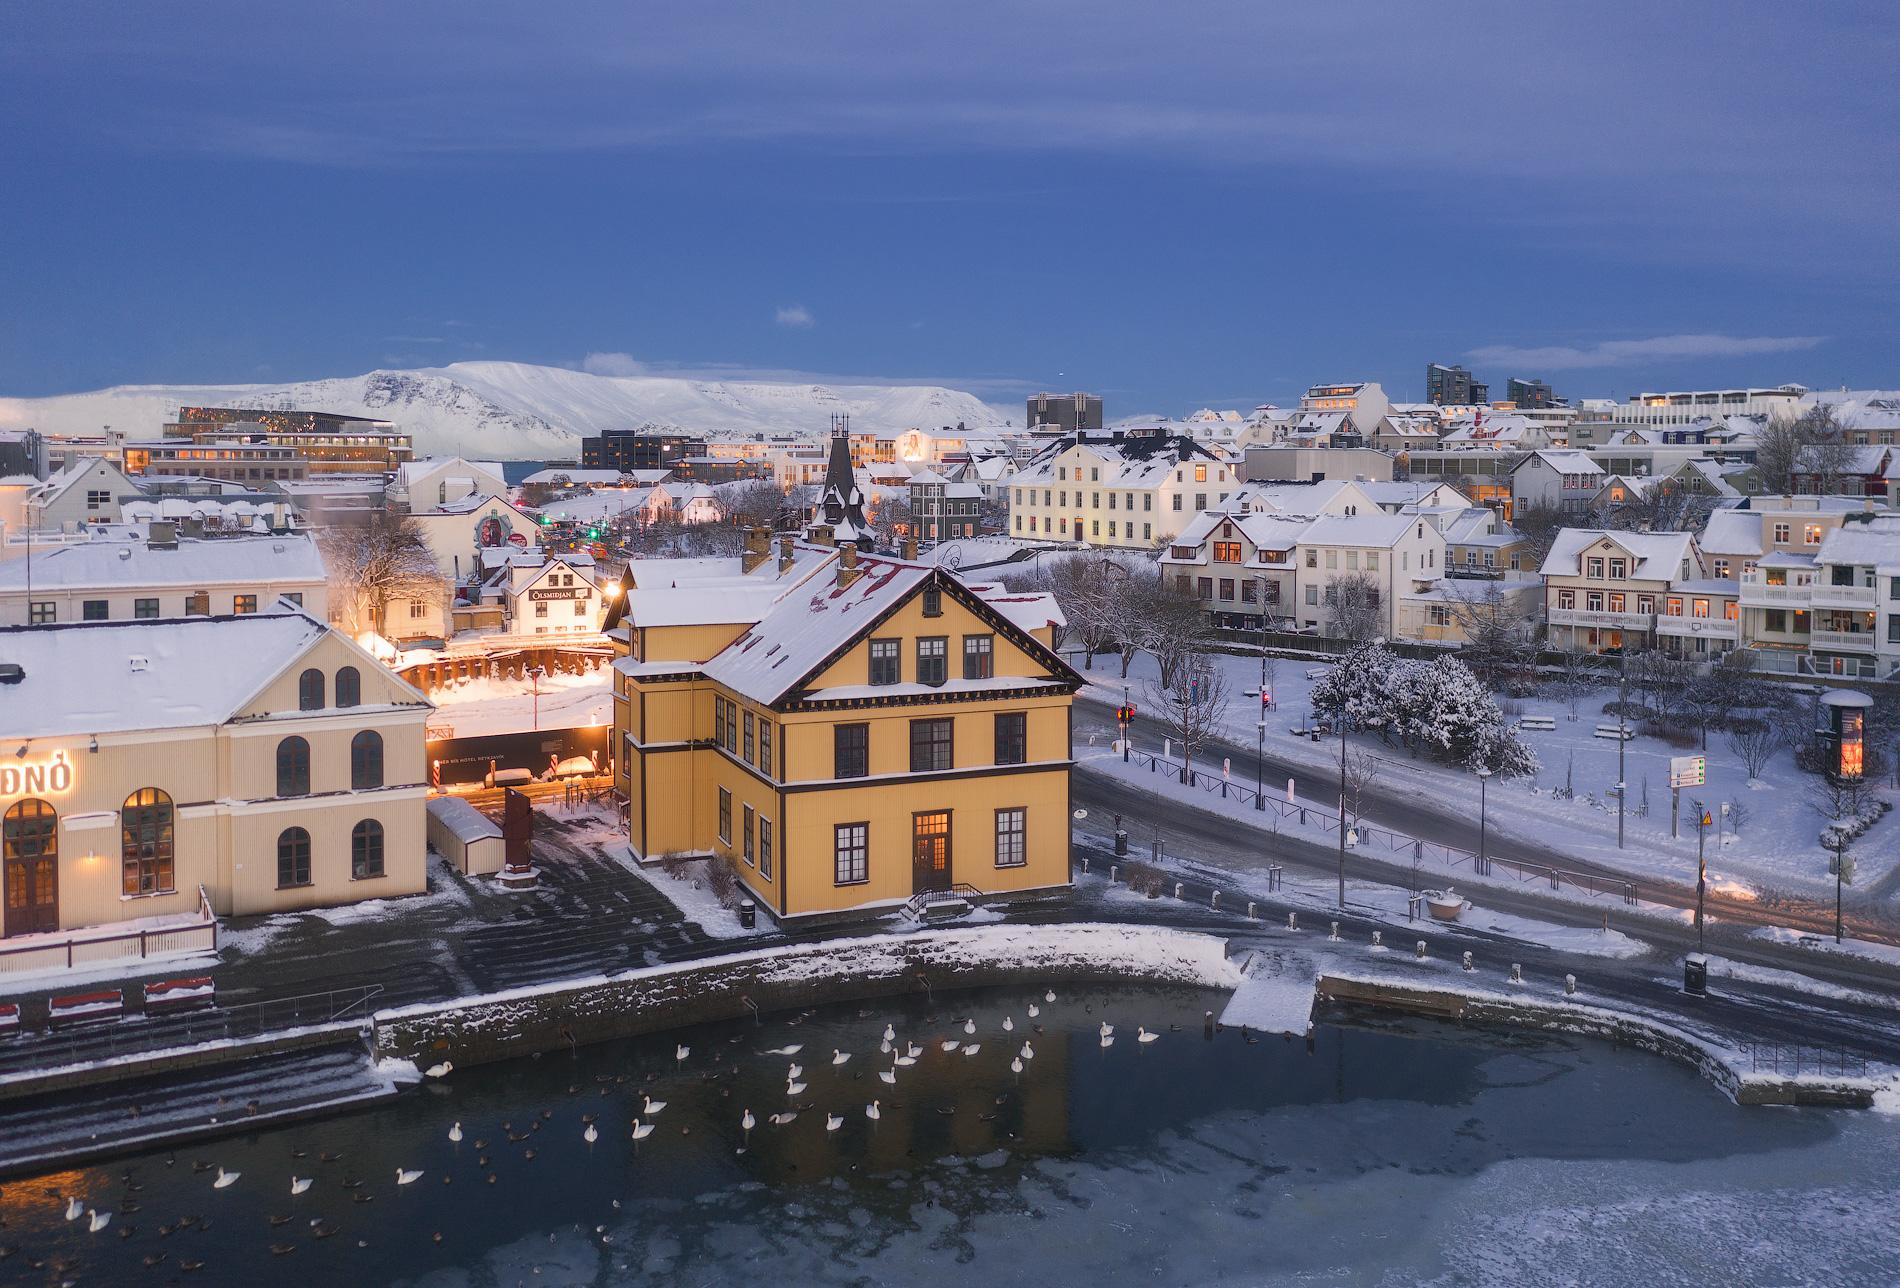 Im Winter friert der See Tjörninn komplett zu und einige Einheimische nutzen die Gelegenheit zum Schlittschuhlaufen.